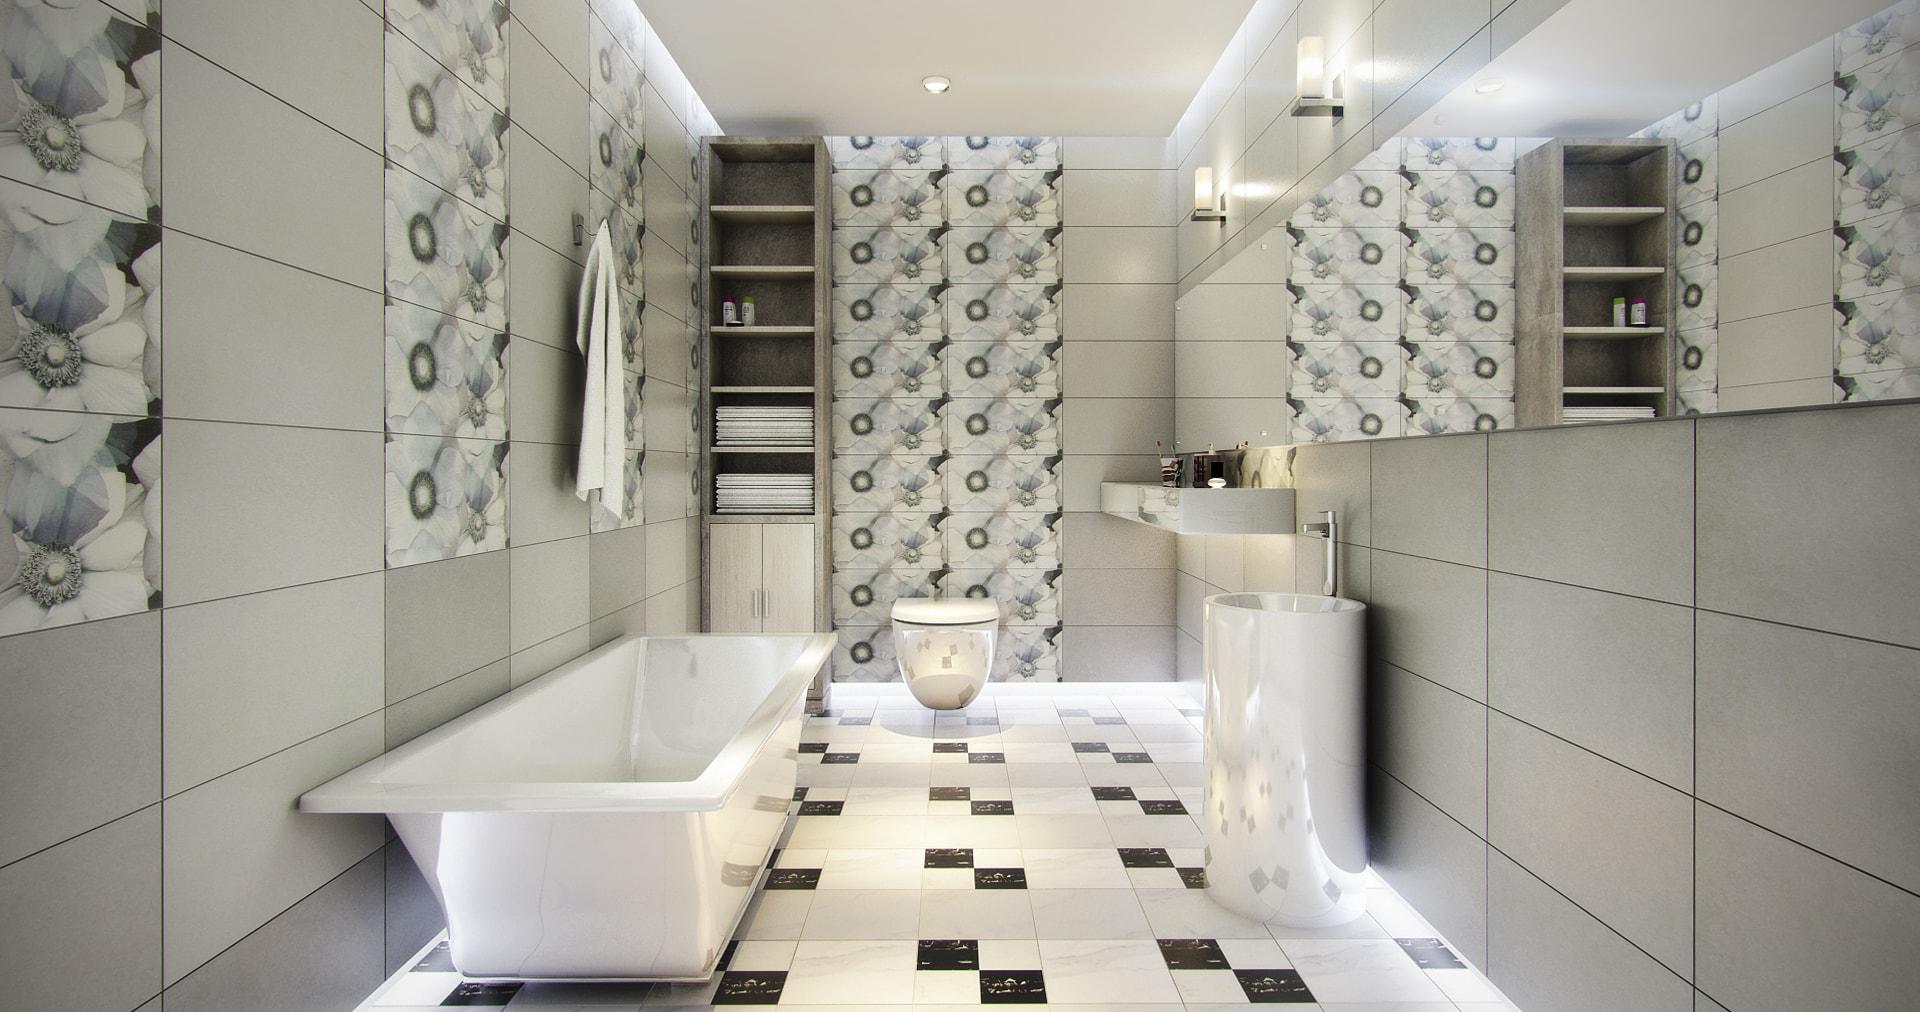 Phòng tắm sẽ thật đặc biệt nếu sàn hoặc tường được trang trí họa tiết độc đáo, khác biệt